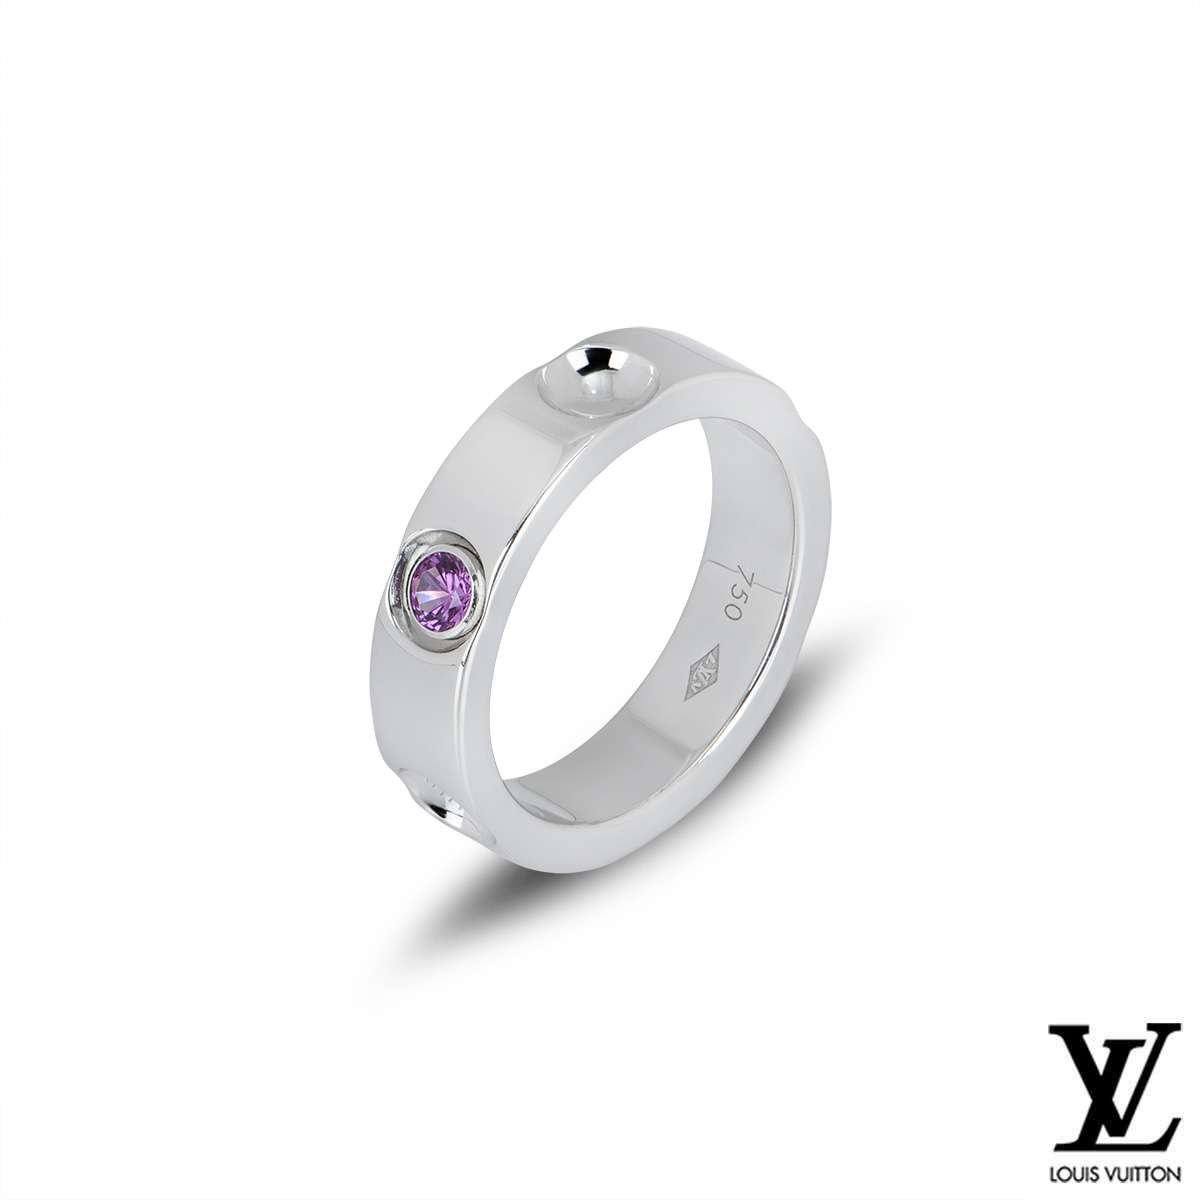 Louis Vuitton Empreinte Ring